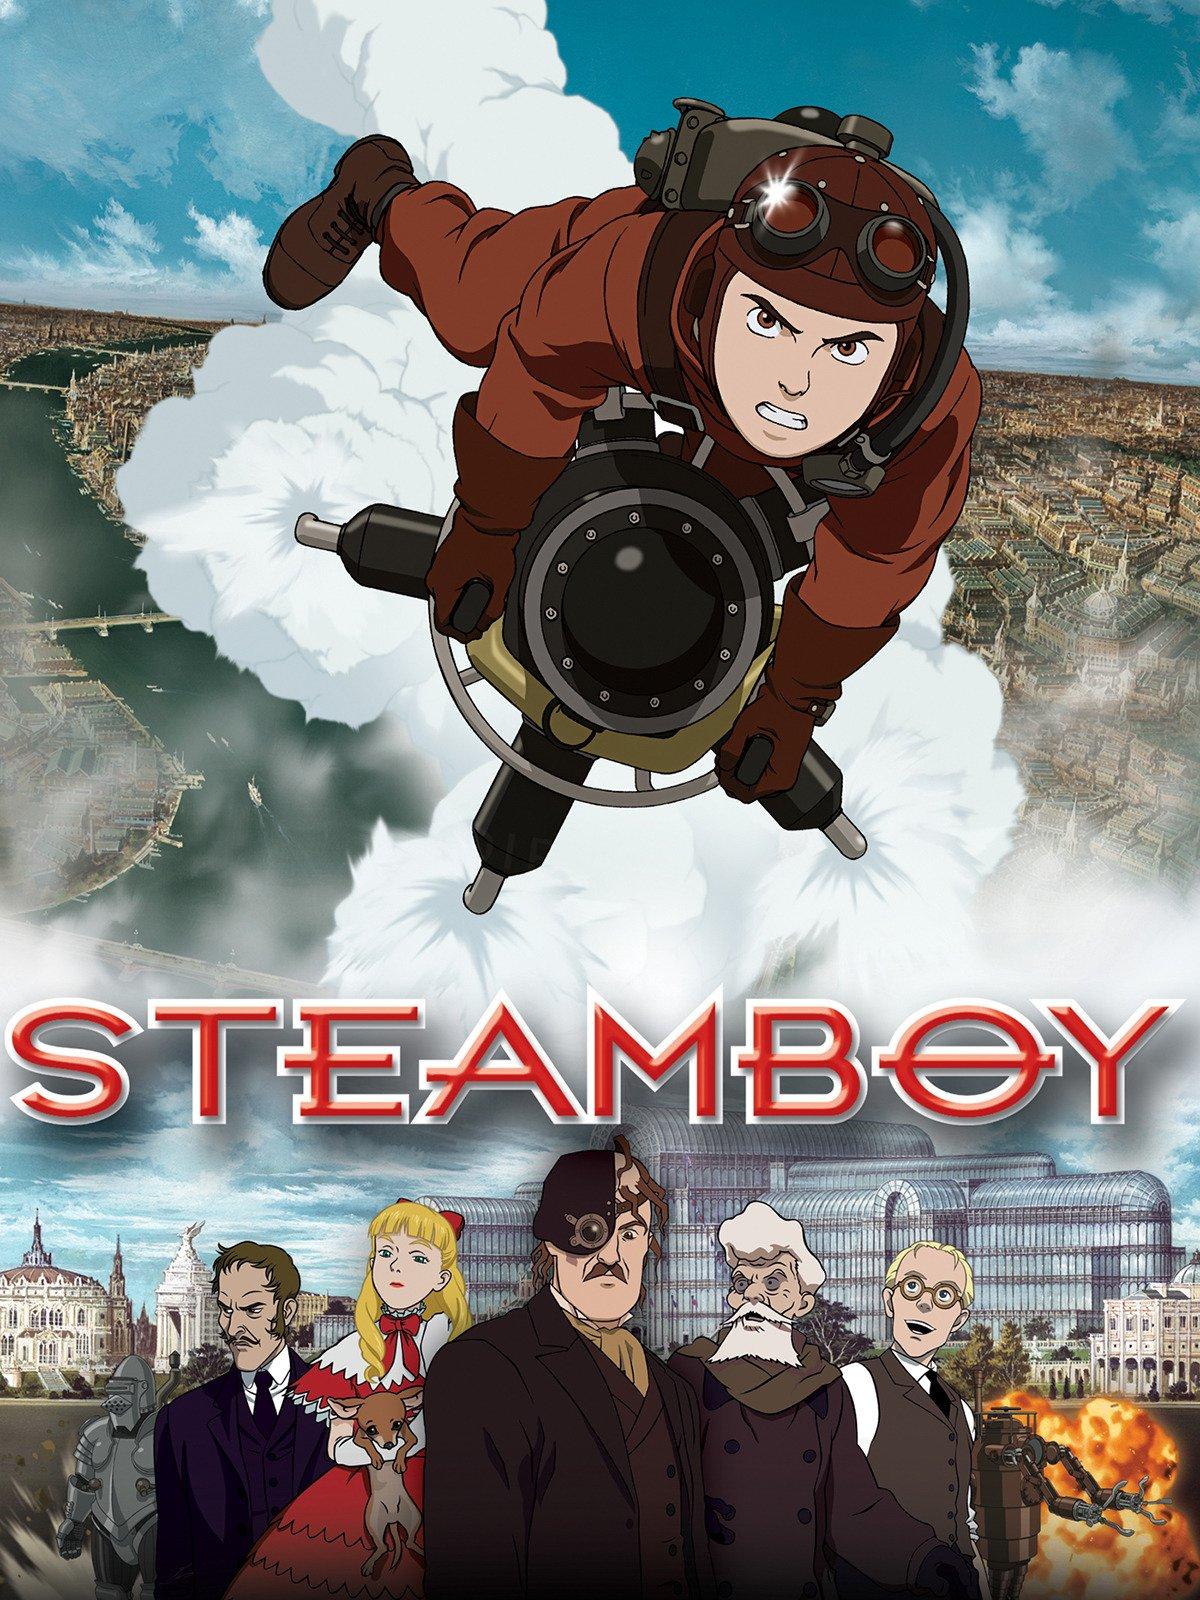 steam-boy-movie